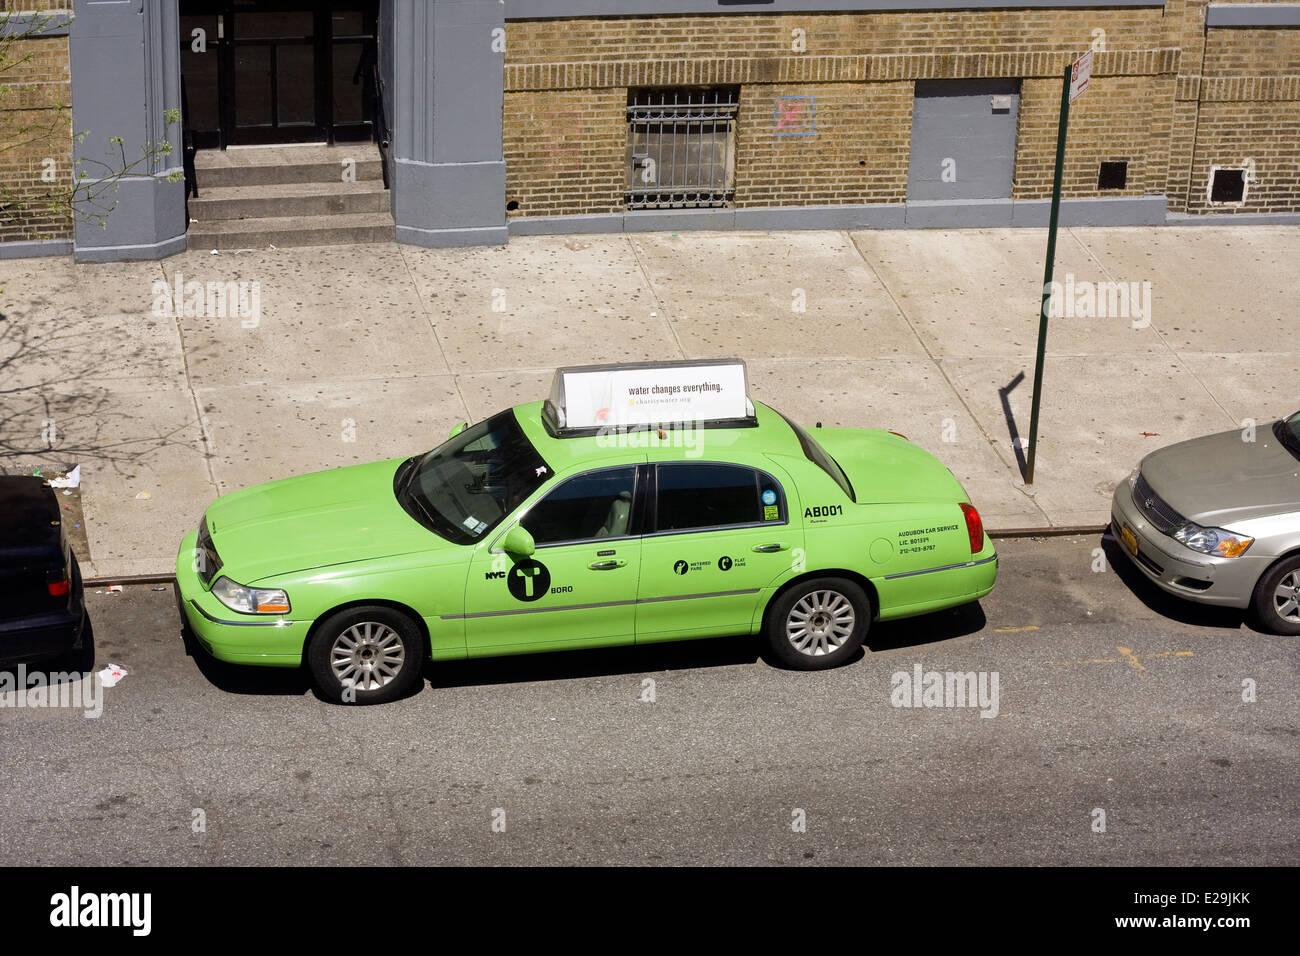 Green Cab Stock Photos & Green Cab Stock Images - Alamy